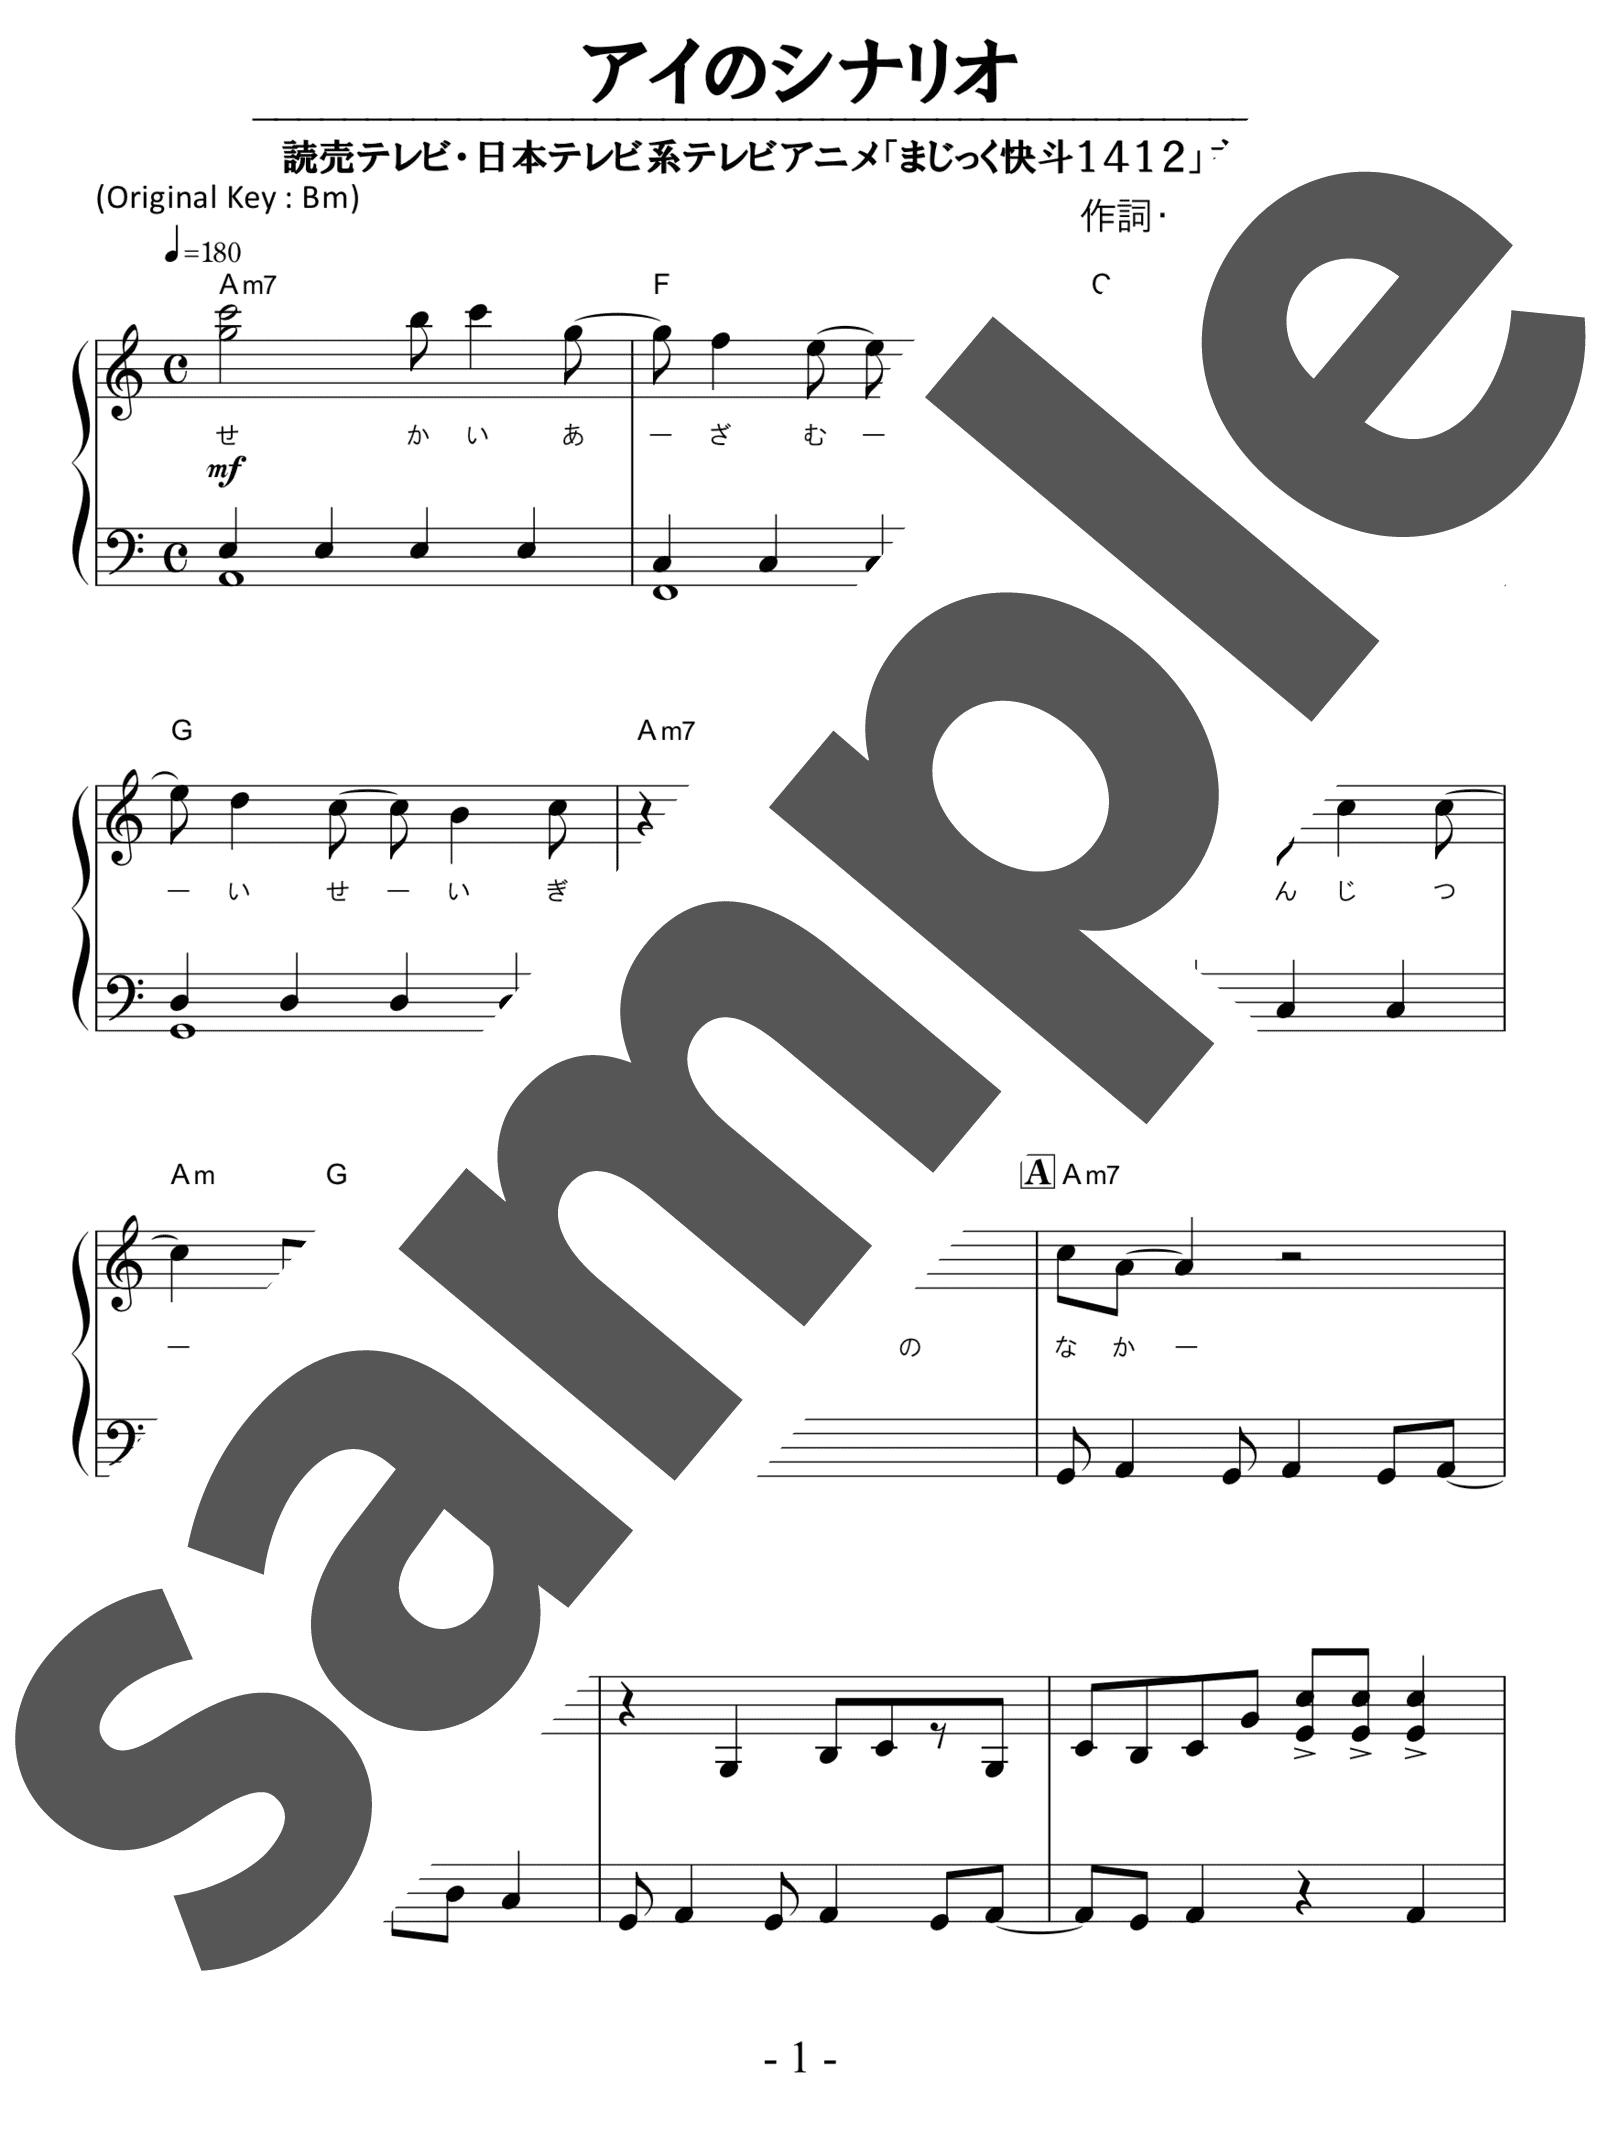 「アイのシナリオ」のサンプル楽譜